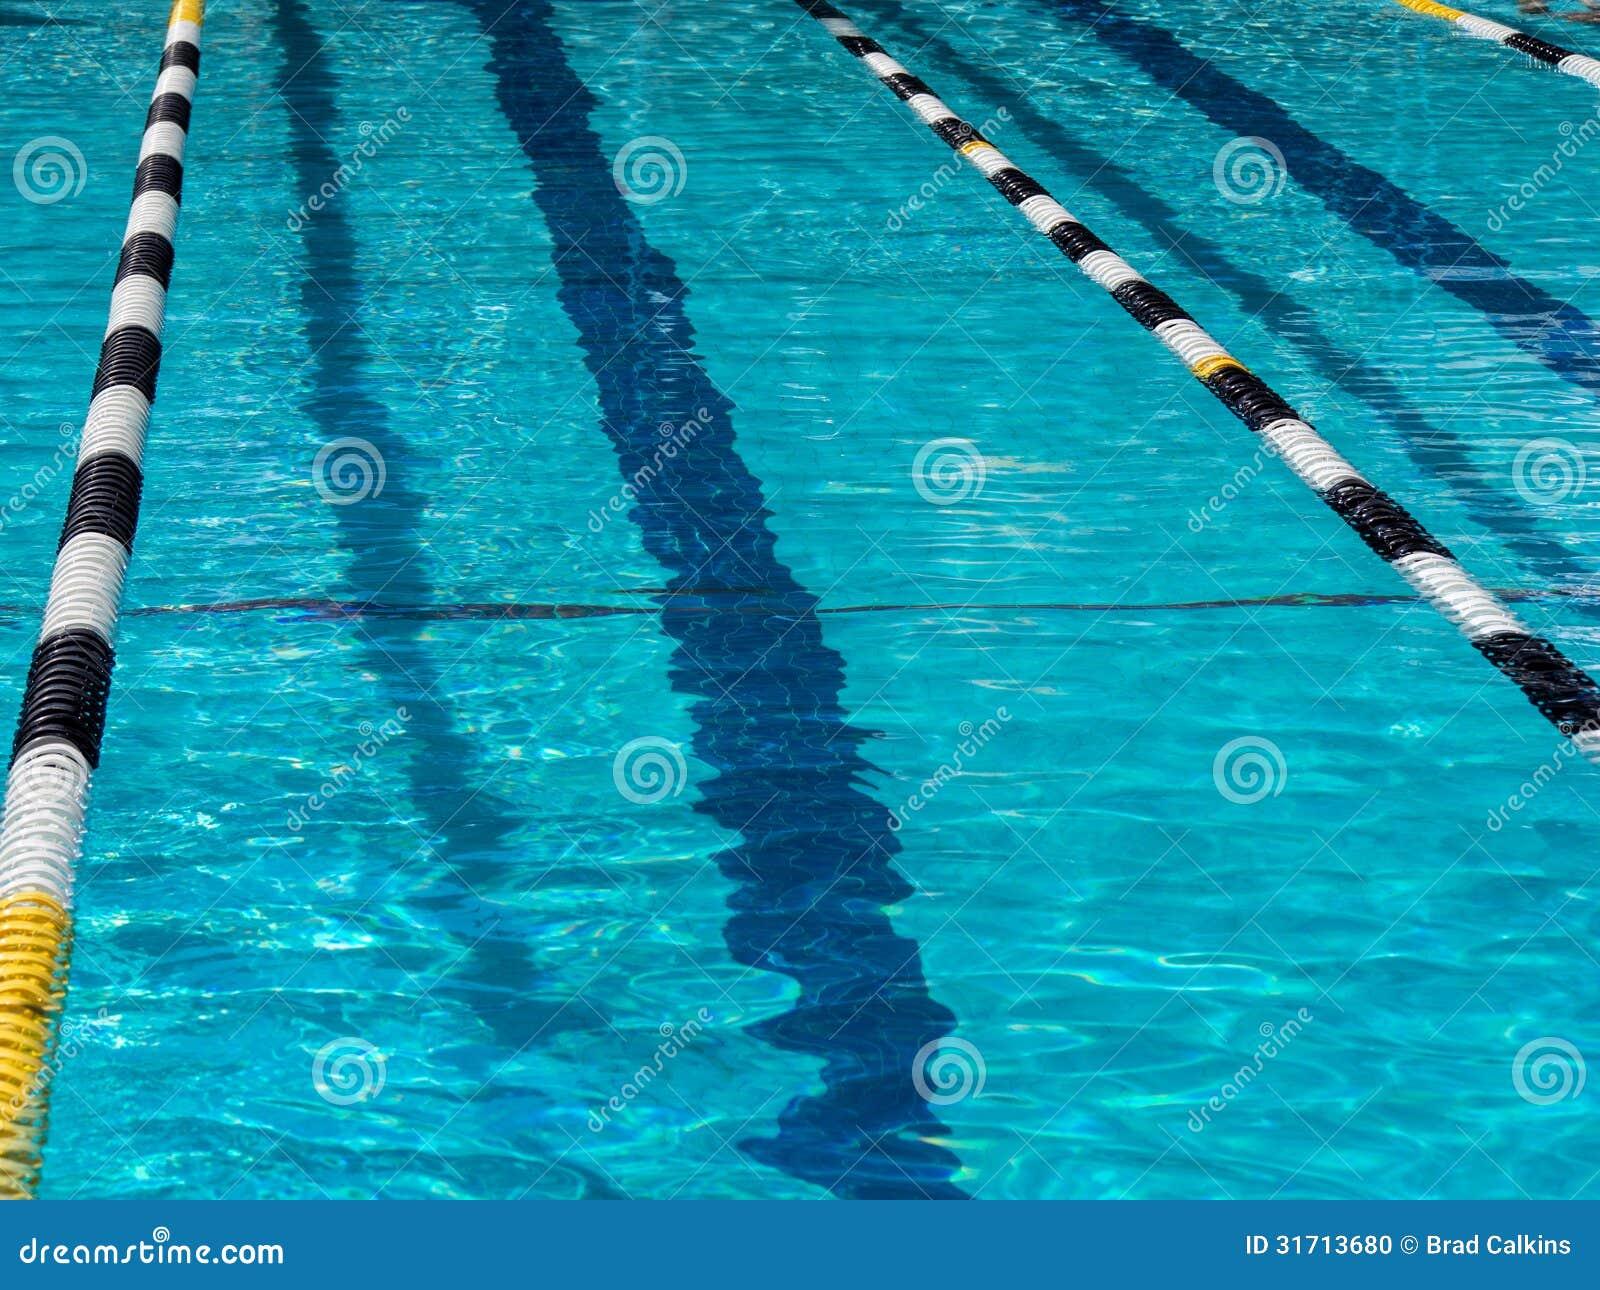 Swimming Pool Lane Lines Background swimming pool lane stock photo - image: 31713680